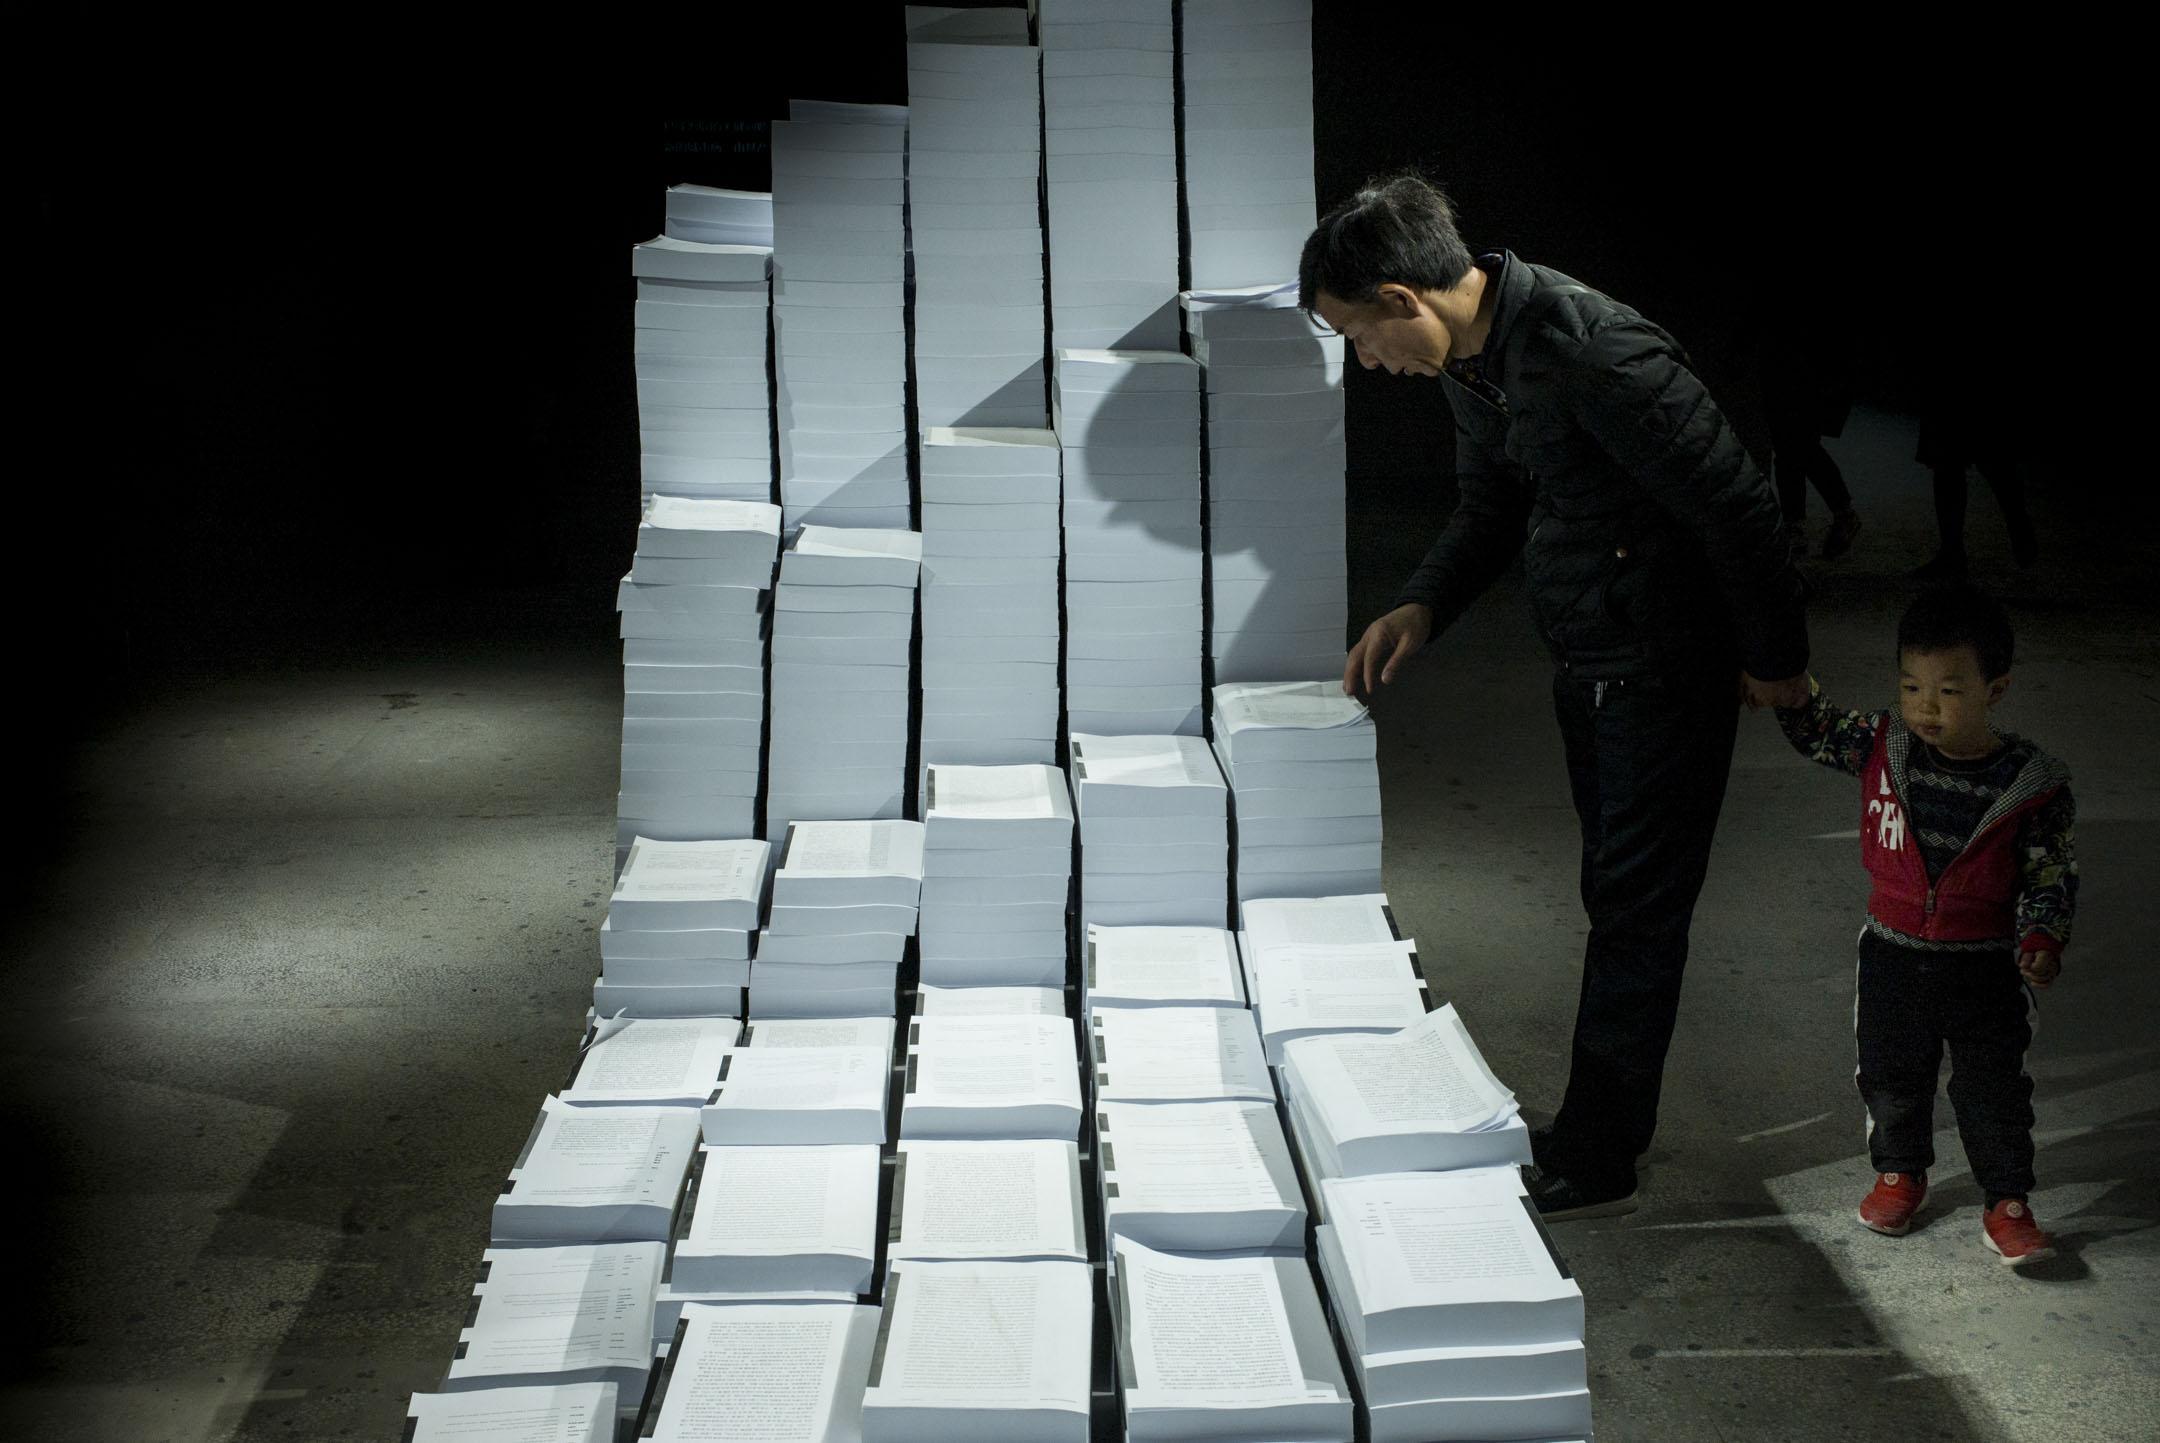 長達一年的時間裏,「書號收縮」的陰雲一直籠罩着中國大陸出版界。  2019年,中宣部終於向各出版社下發了一份內部文件,明確提到將縮減書號總量、壓縮圖書品種。 攝:林振東/端傳媒